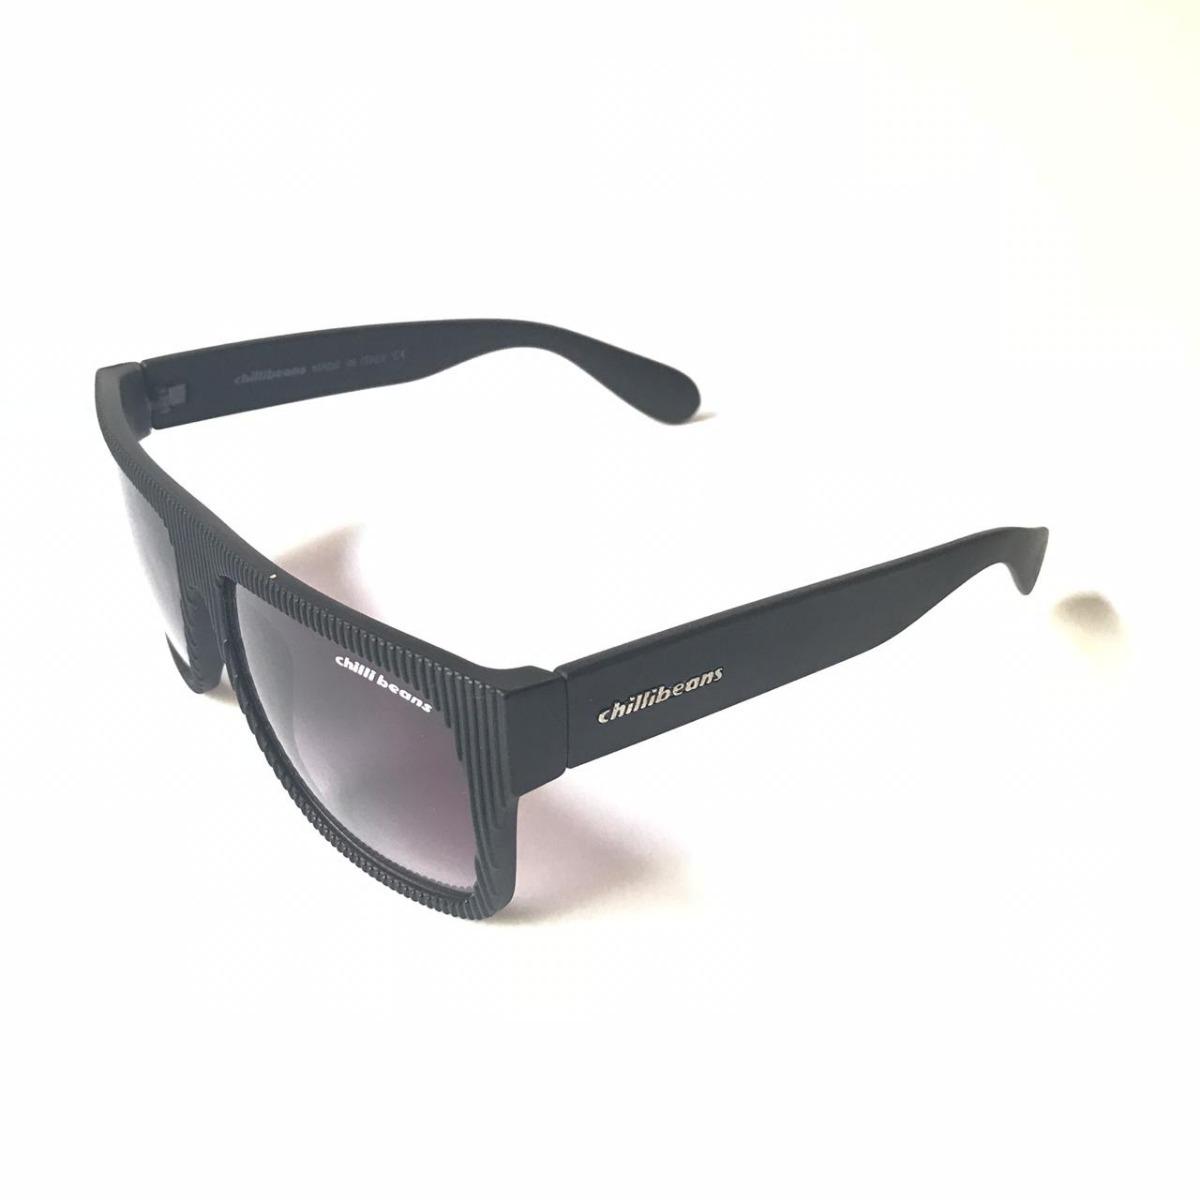 a33f2ff03 Óculos De Sol Masculino Chilli Beans Uv 400 Capa+flanela - R$ 135,99 ...